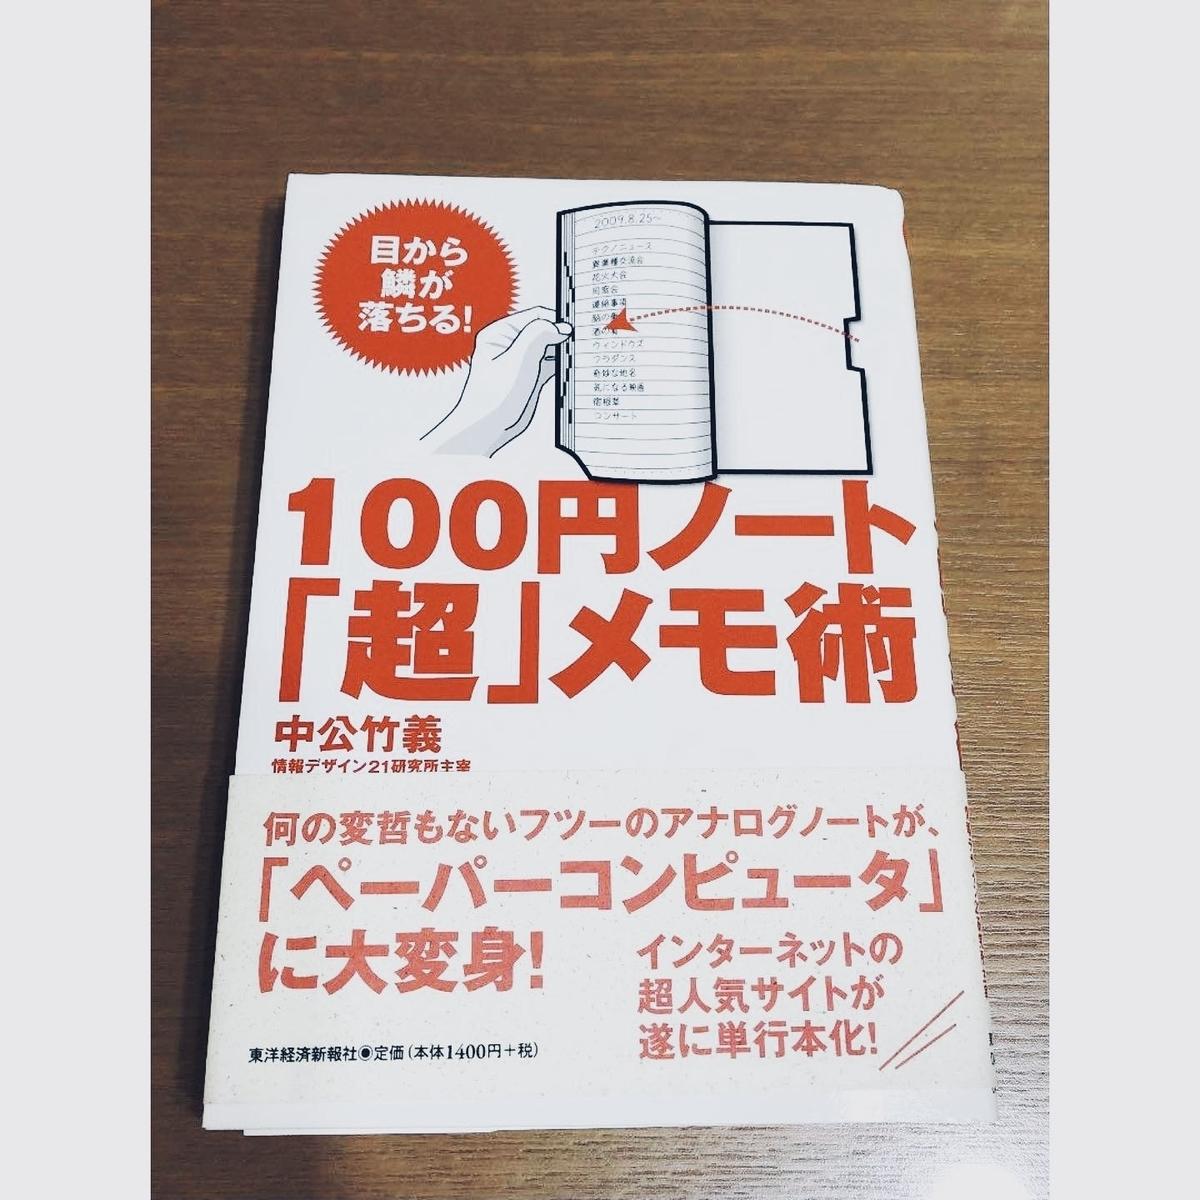 100円 ノート ノート術 PC ペーパー コンピュータ